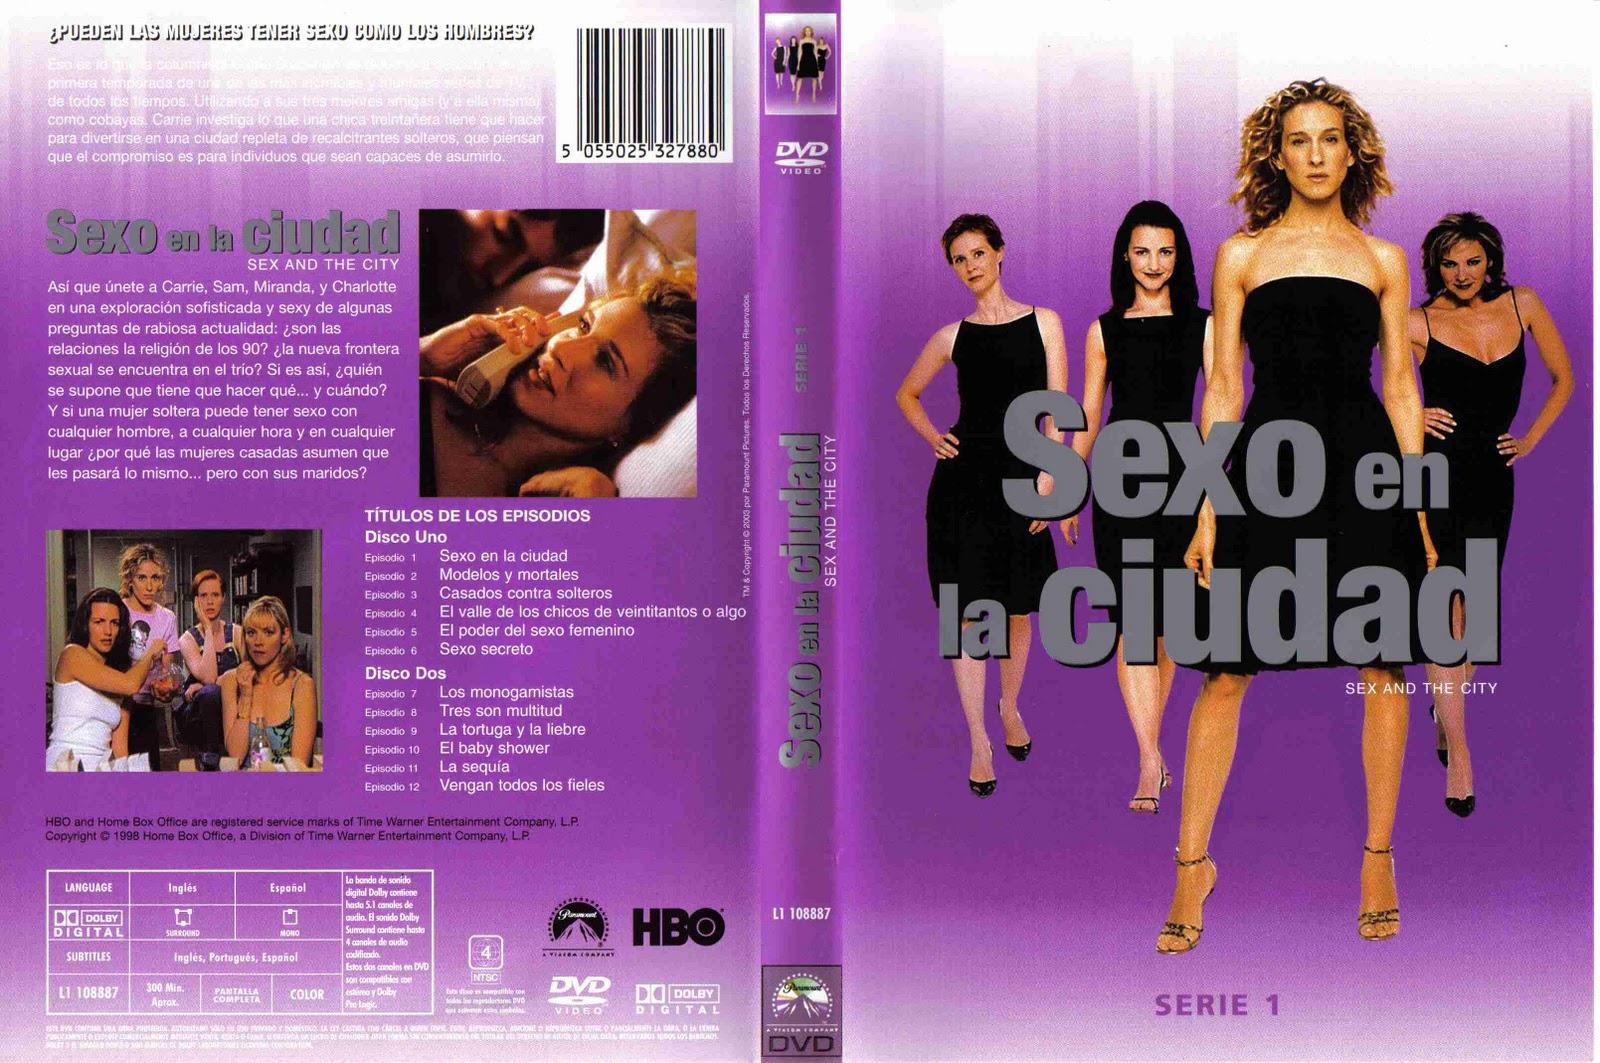 Sexo y la ciudad temporada 6